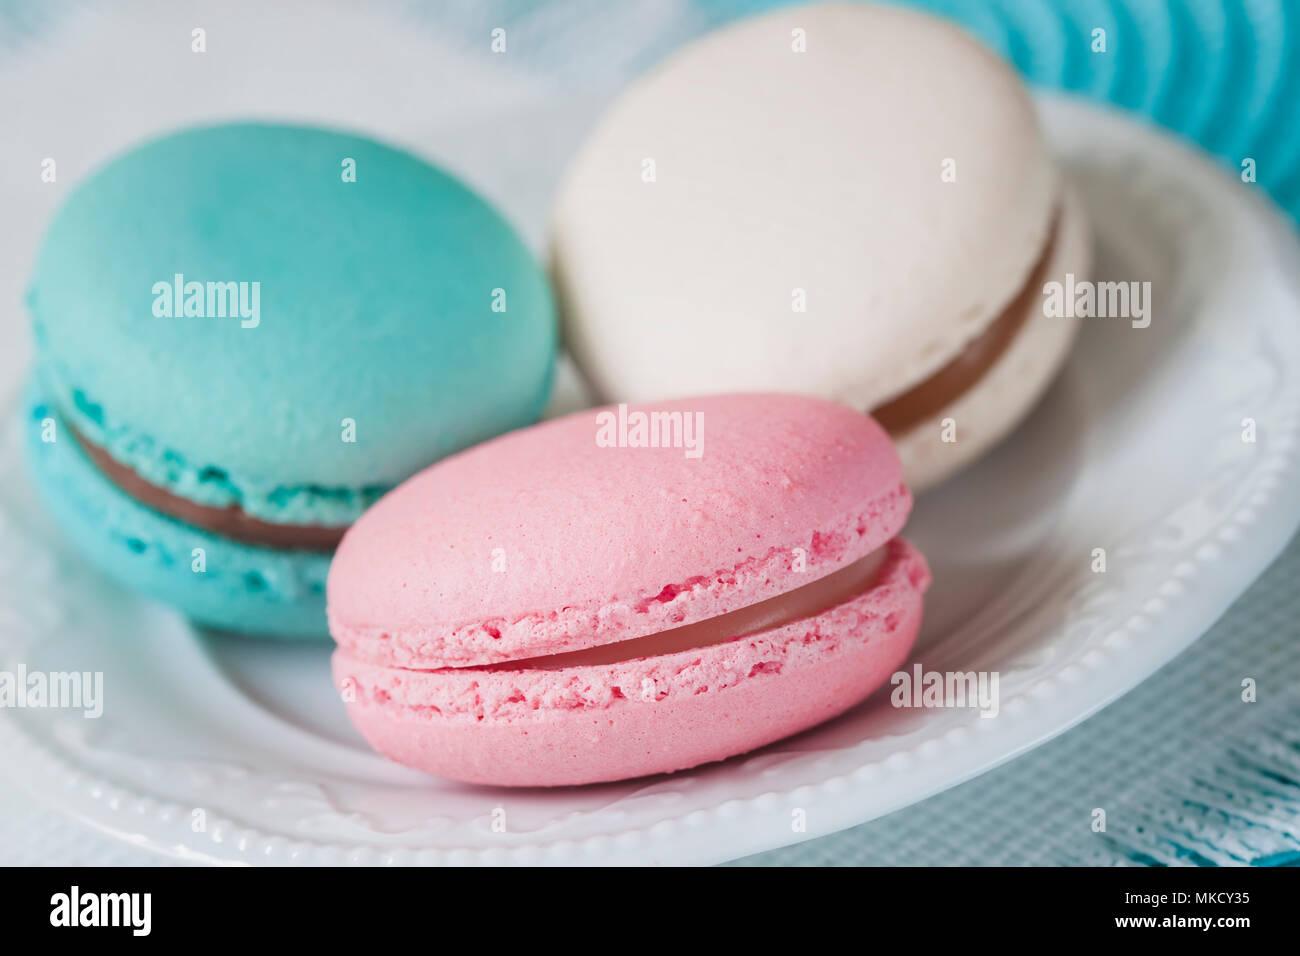 Drei Makronen in verschiedenen Farben und unterschiedlichen Geschmack in eine weiße Platte, Ansicht von oben. Romantische morgen, Geschenk für die Lieben. Frühstück auf Valentin, Mütter, Tag der Frauen. Ausschreibung Hintergrund Stockbild